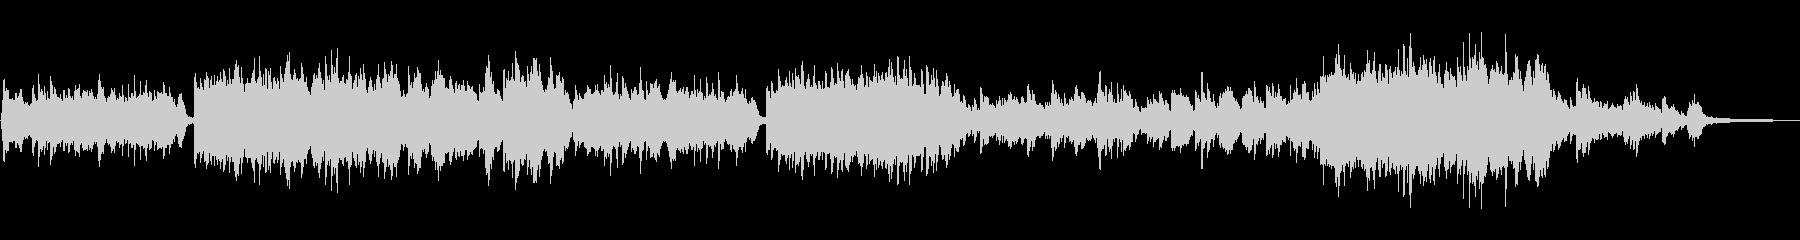 ほんのり和風のミドルテンポのピアノソロの未再生の波形